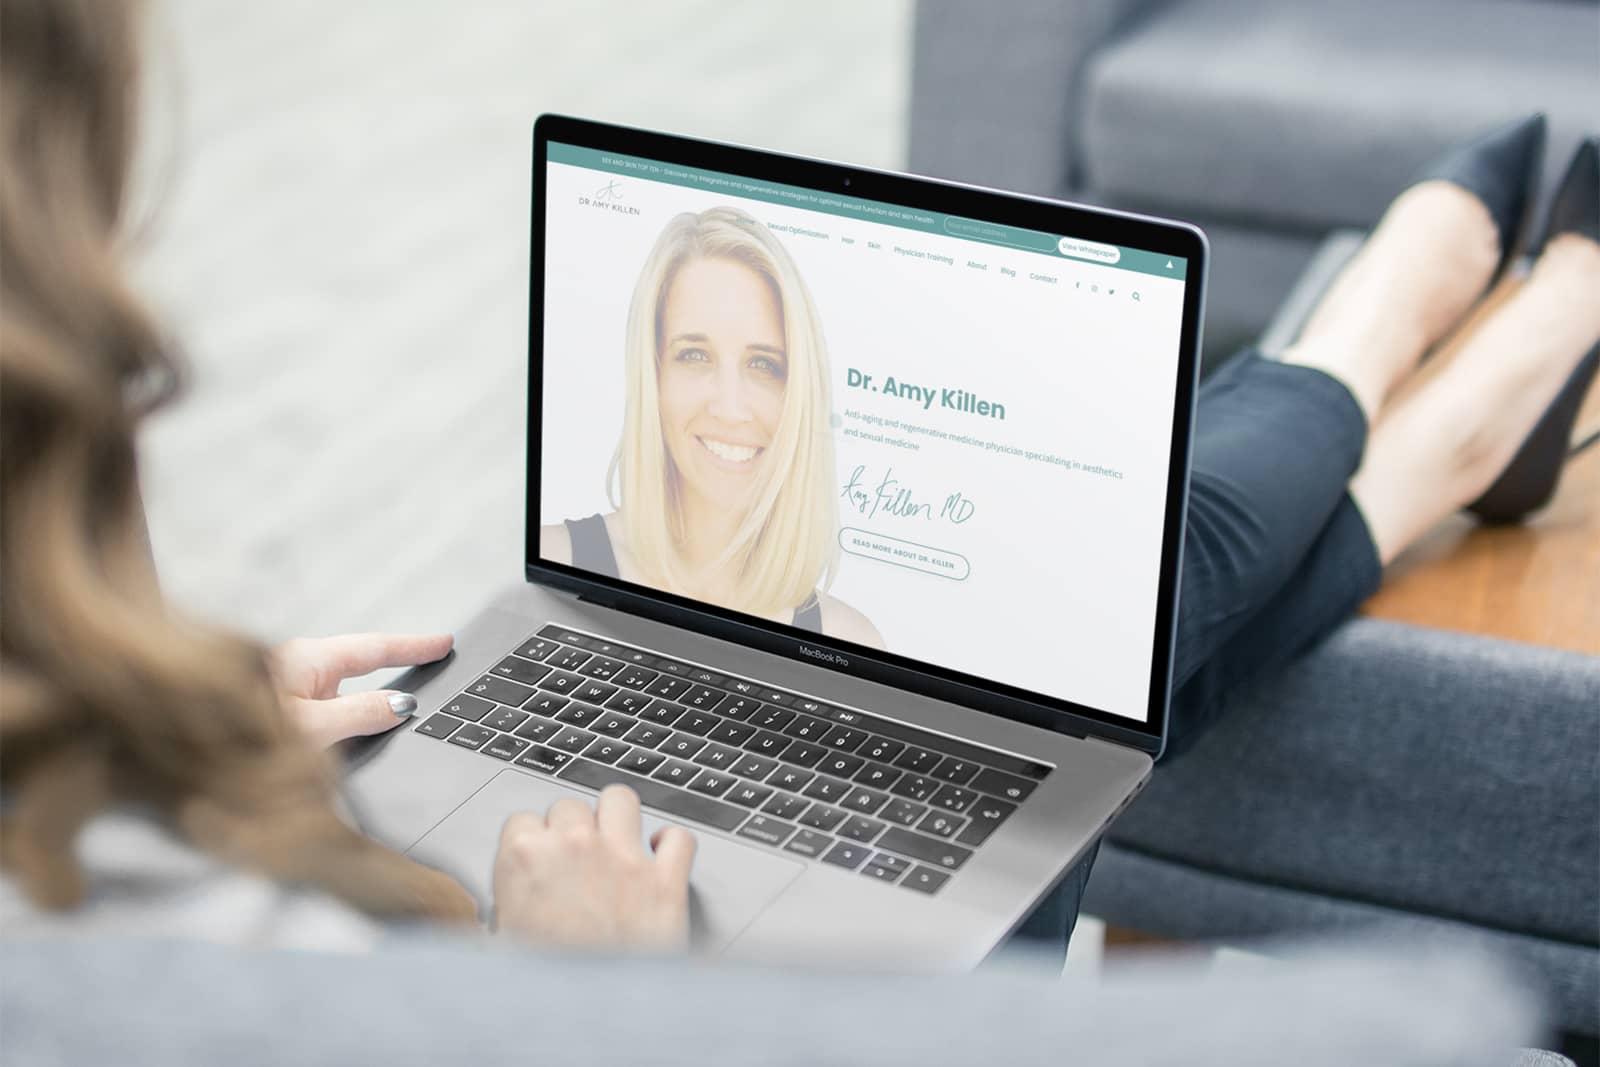 dr amy killen web design